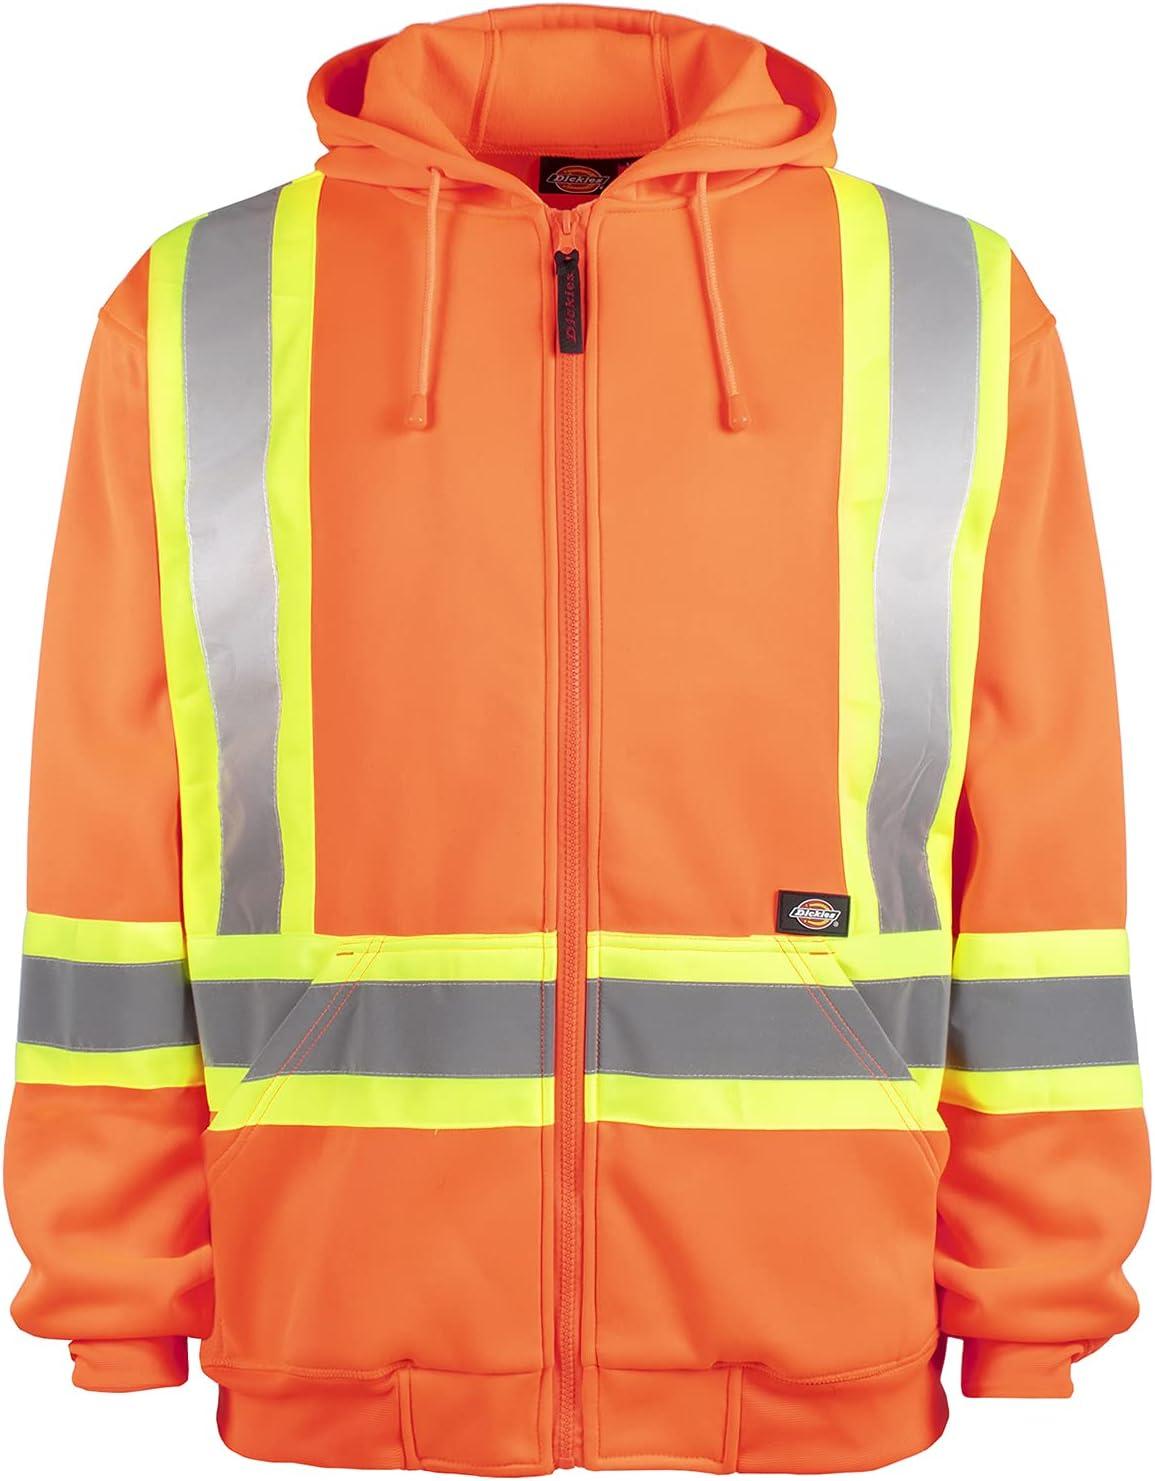 Dickies Workwear High-Visibility Fleece Hoodie, XL Orange